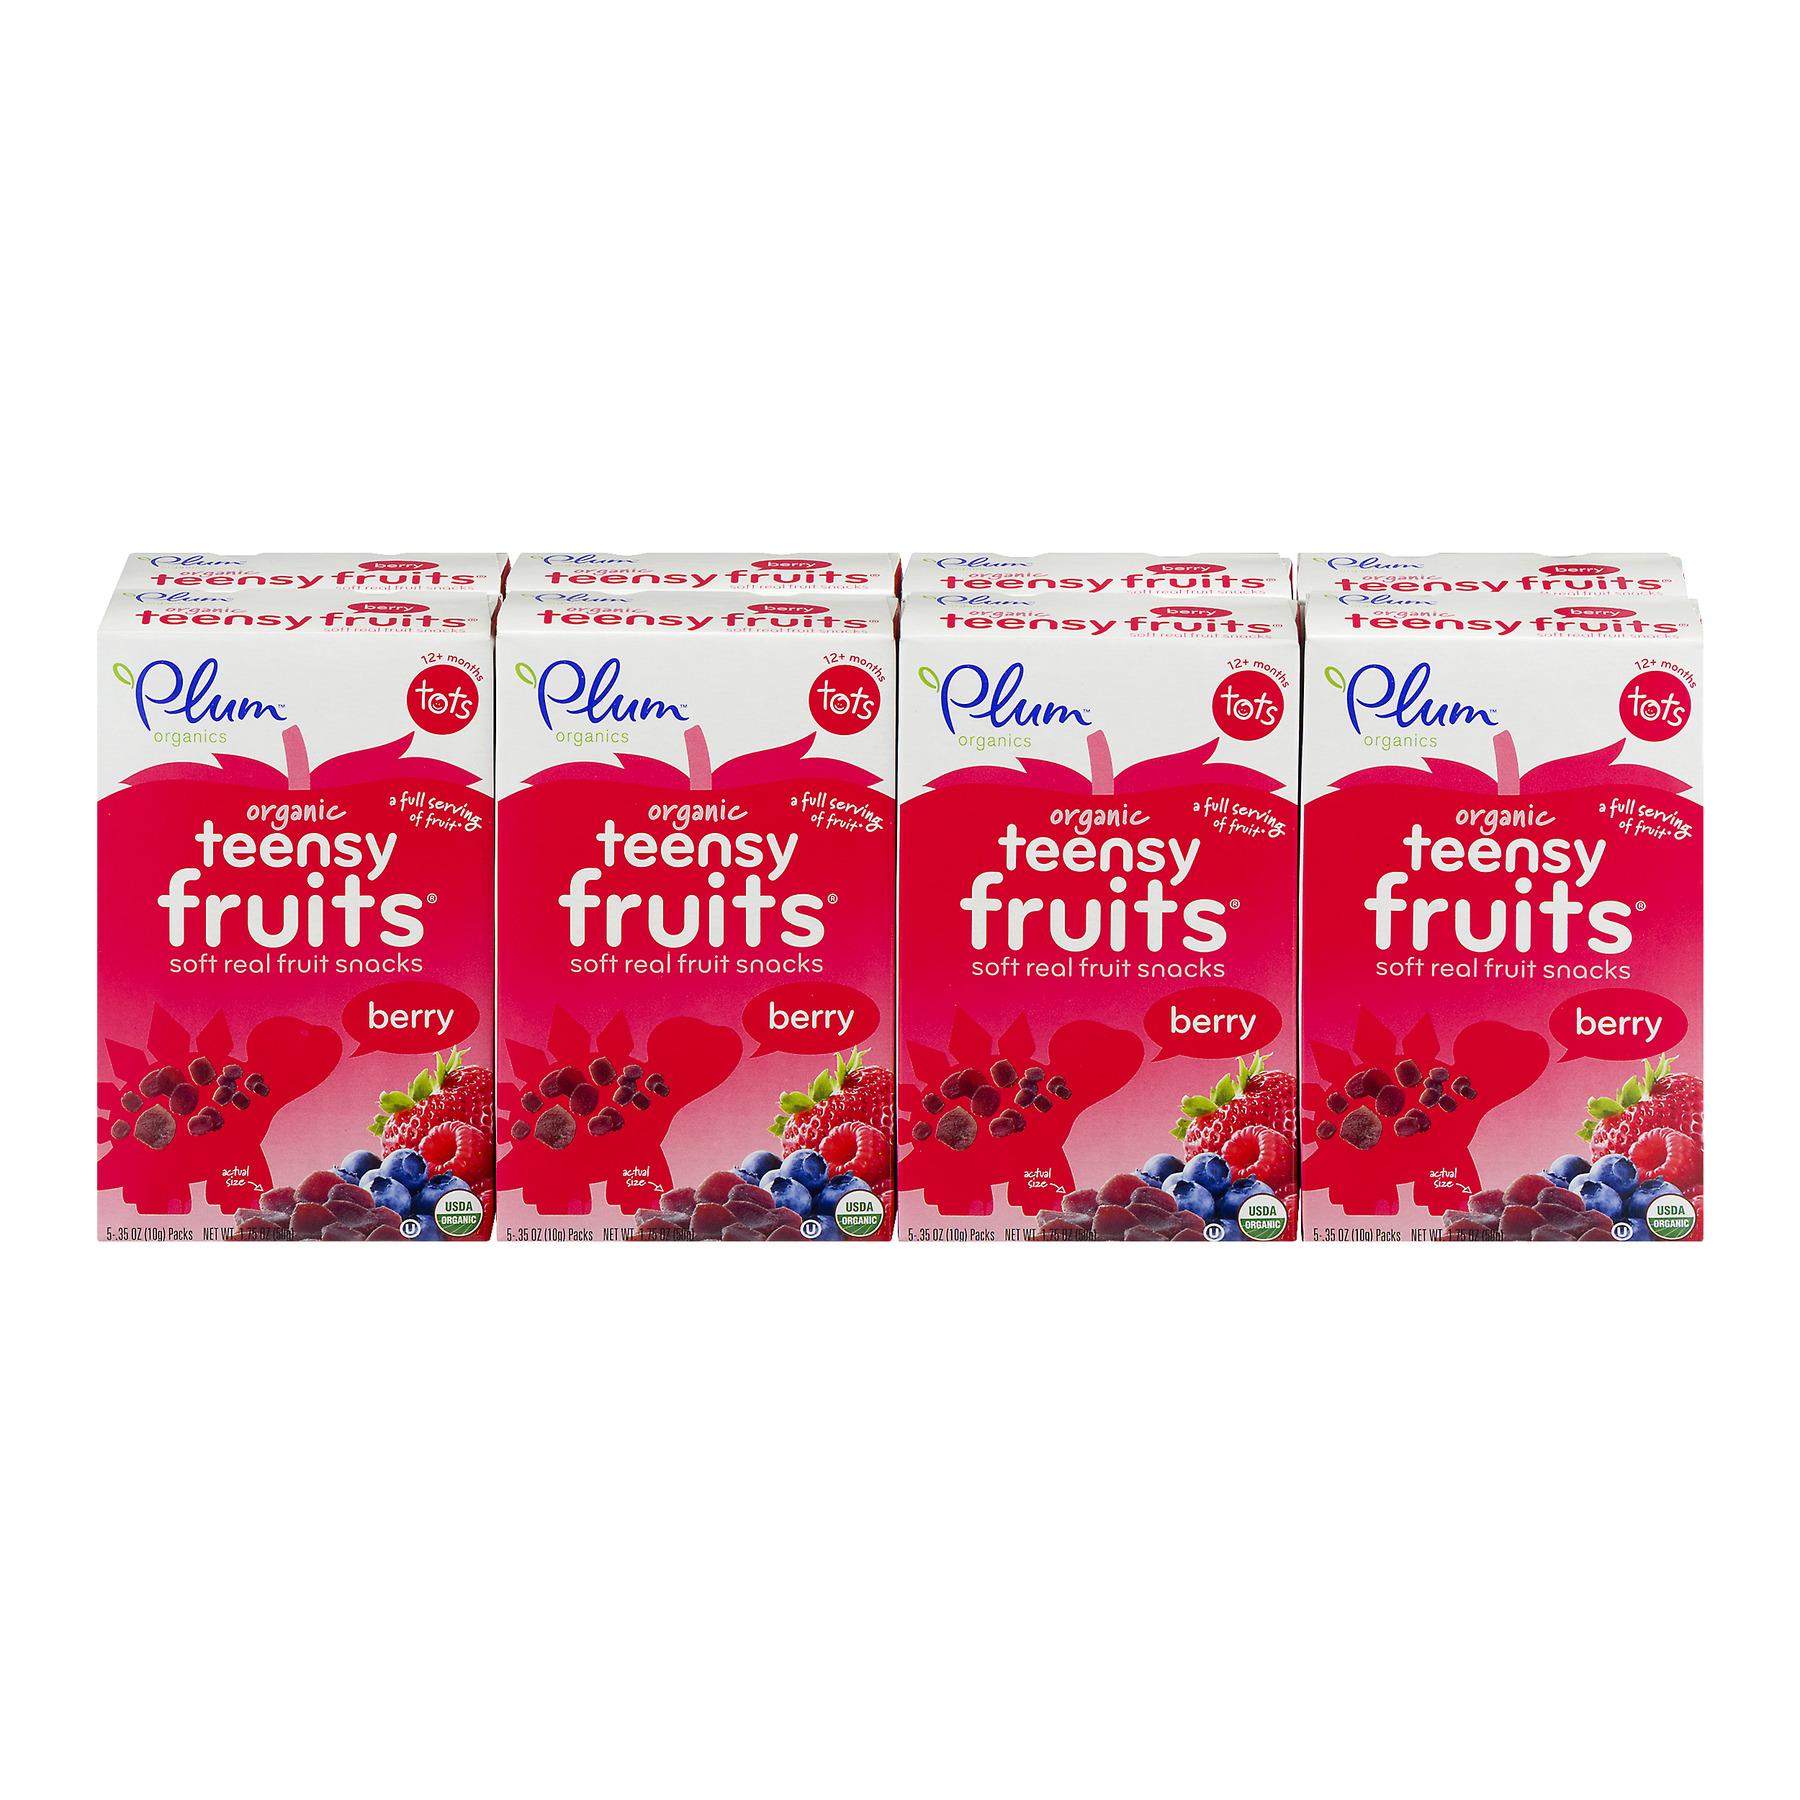 Plum Organics Teensy Fruits Berry Tots - 40 CT40.0 CT